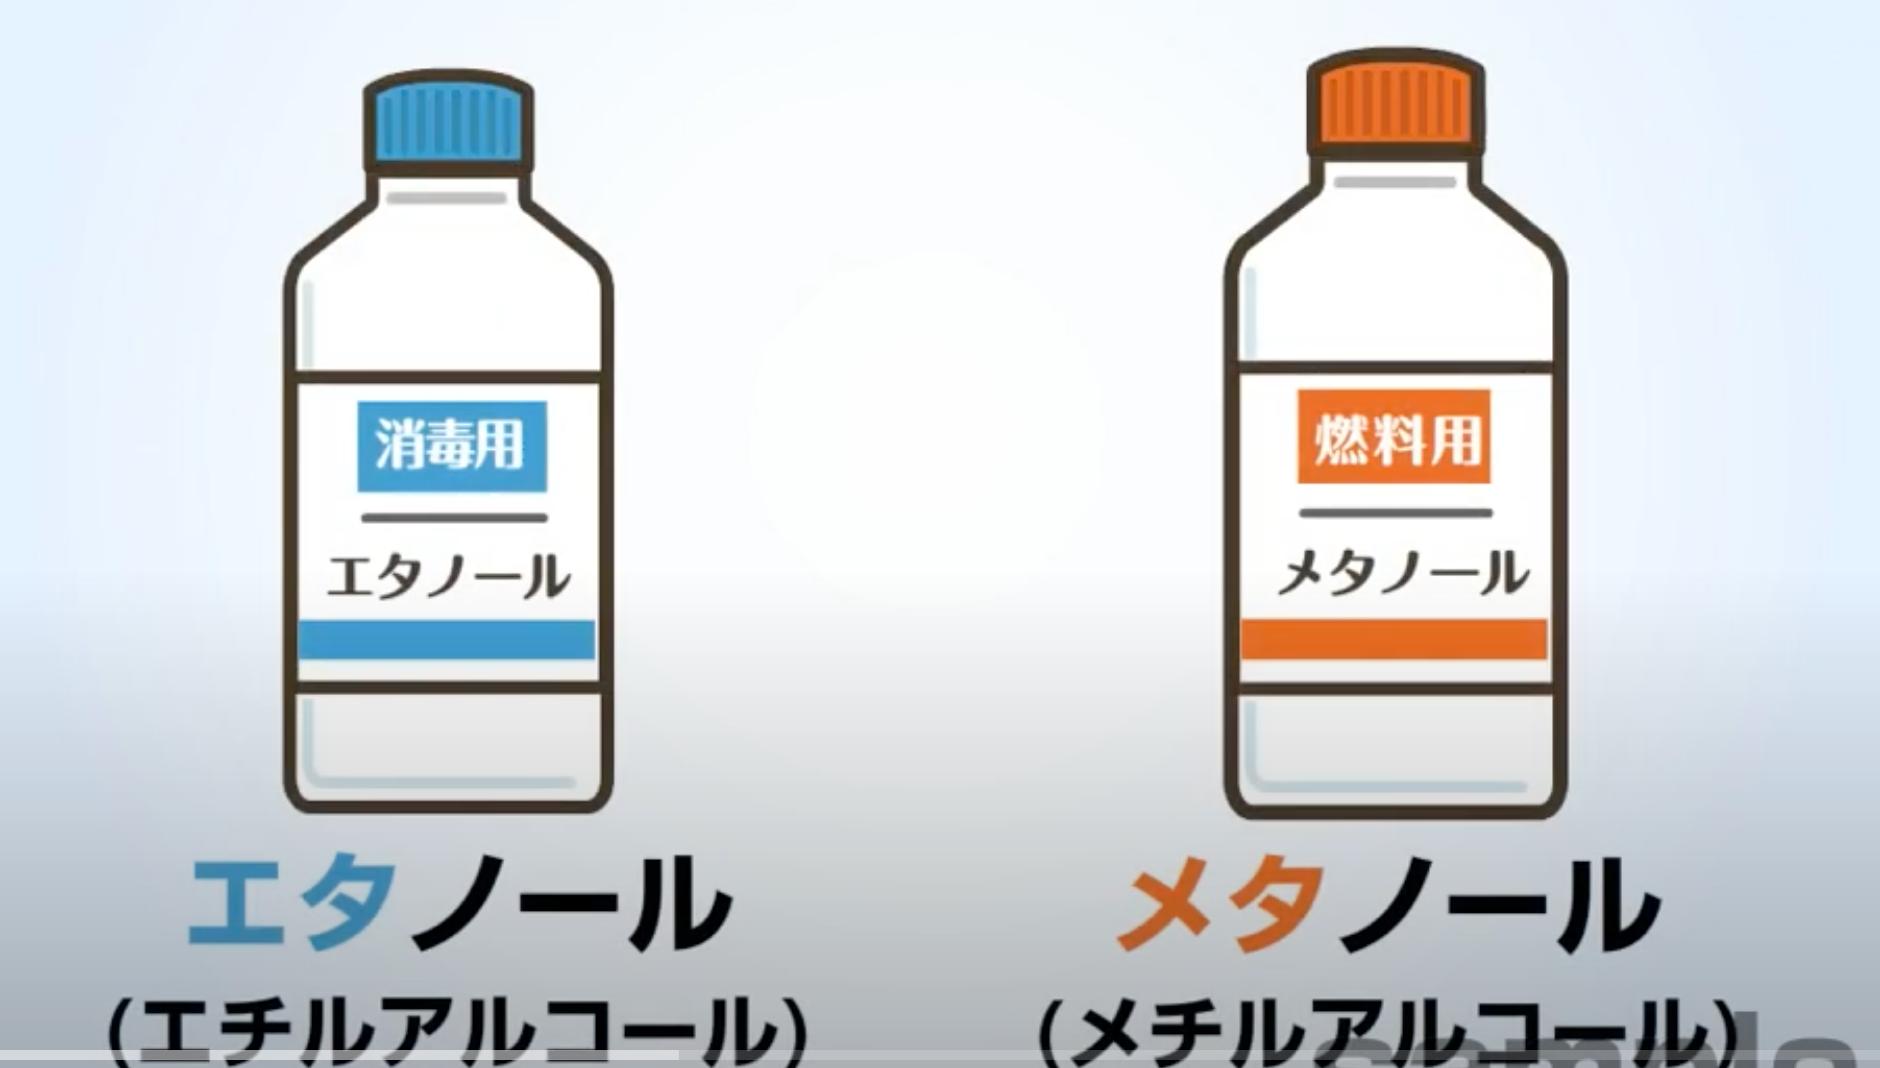 の 違い エタノール と メタノール